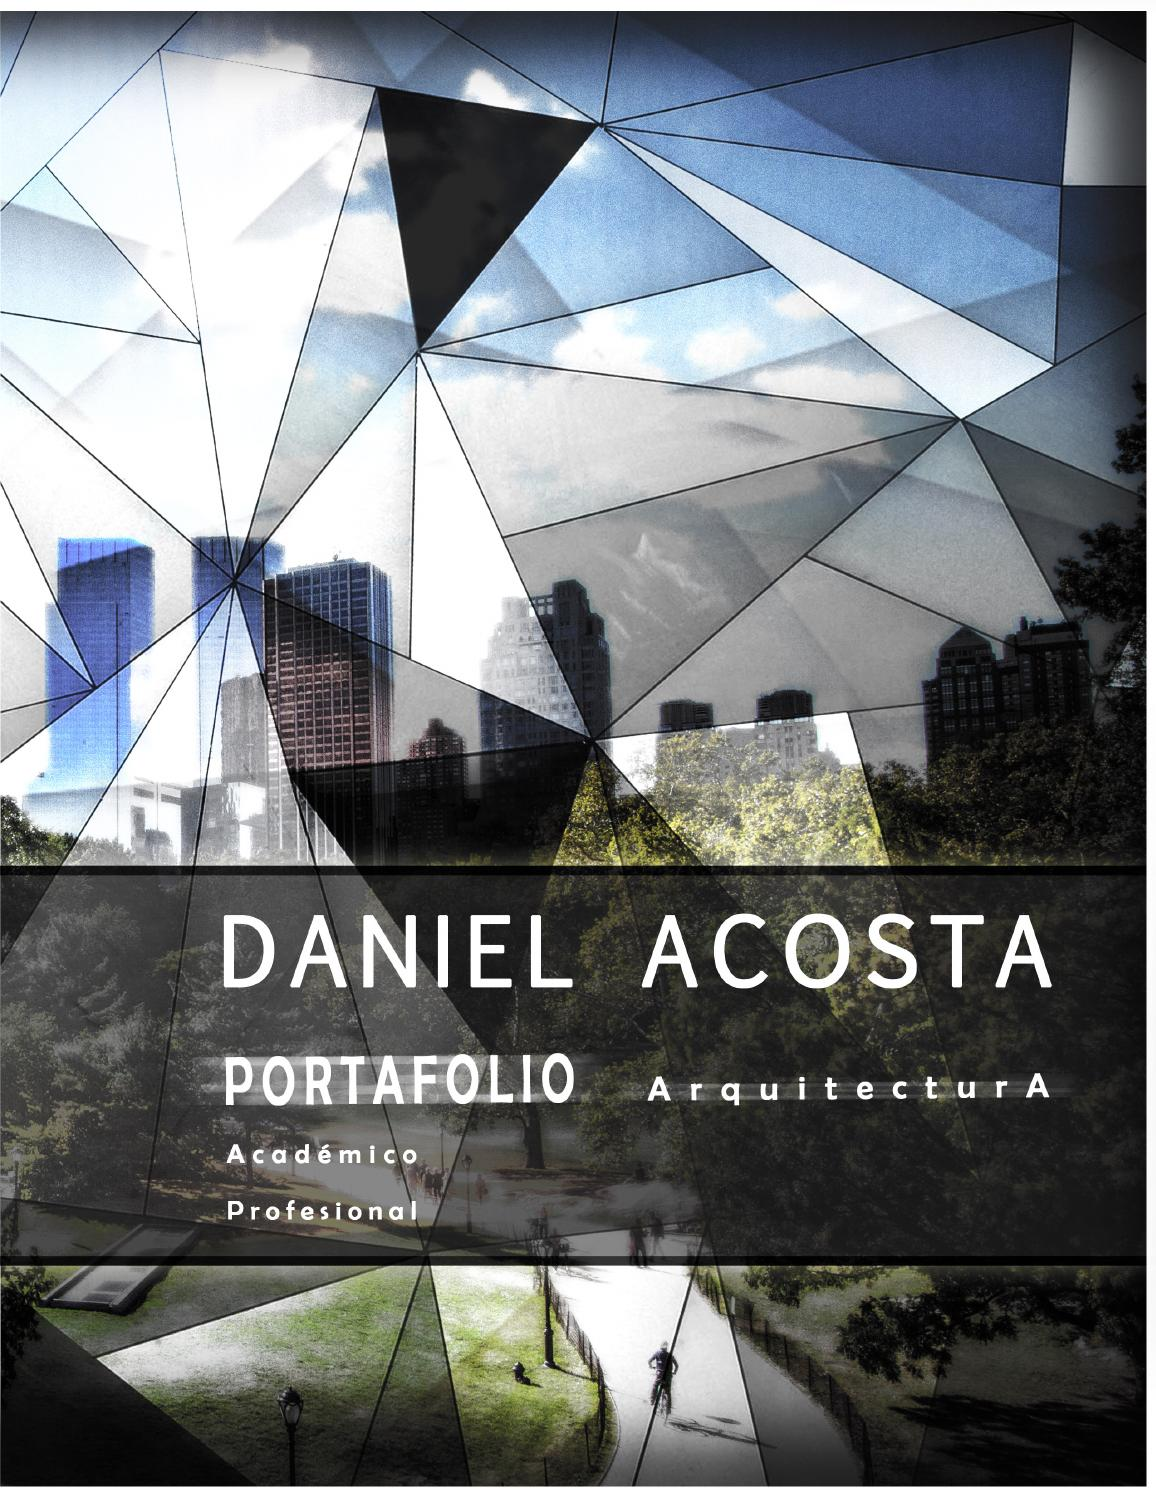 Portafolio arquitectura daniel acosta by daniel acosta issuu for Portafolio arquitectura